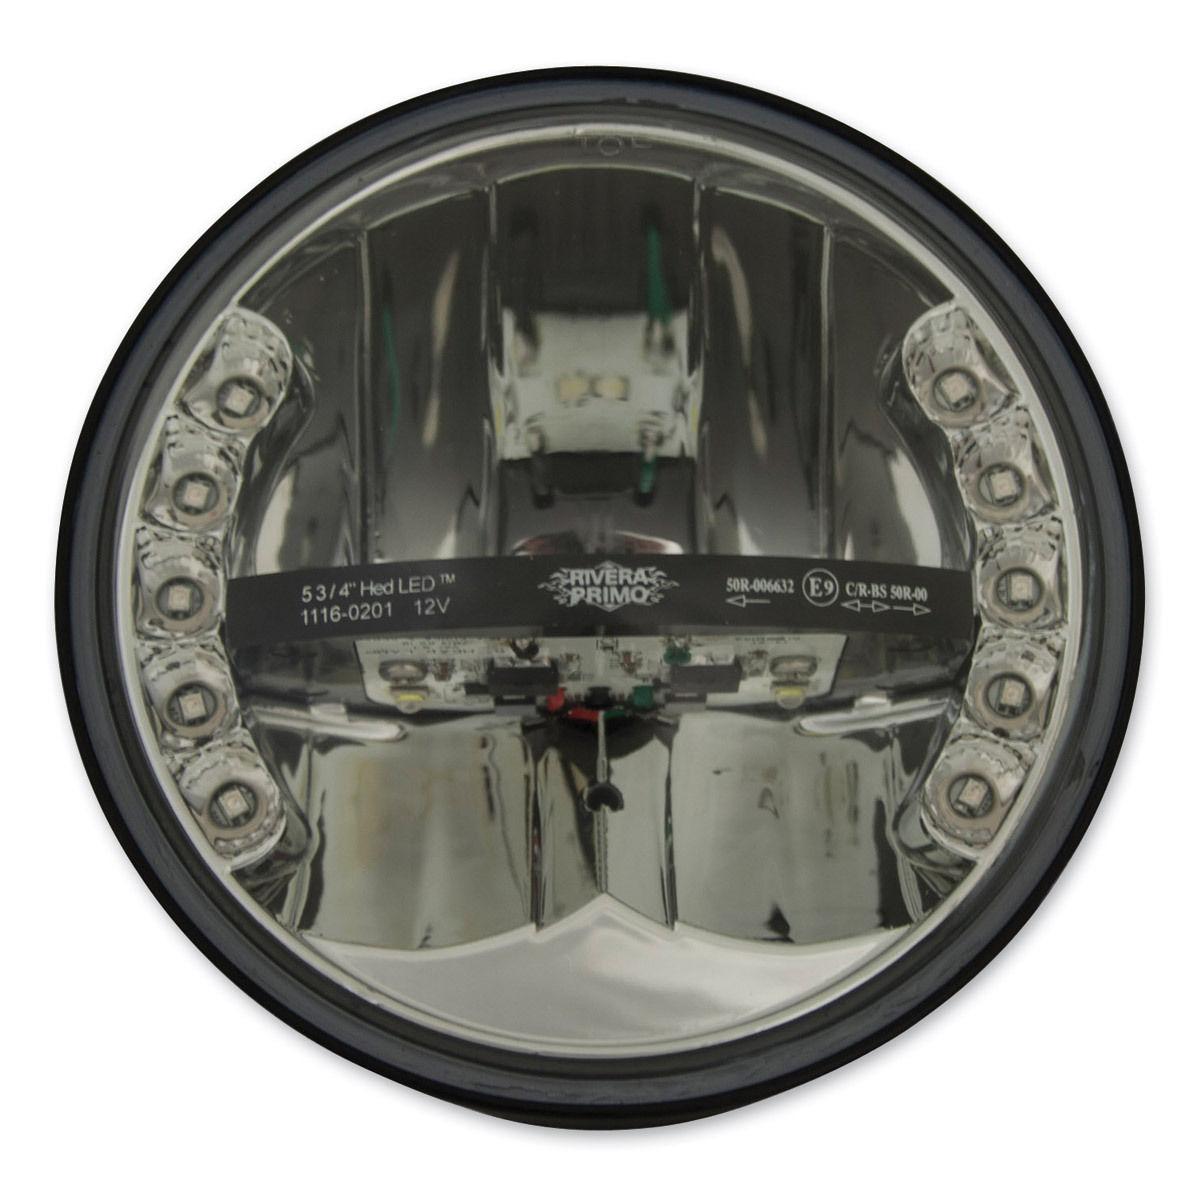 ヘッドライト プリモ・リベラ5 3/4フェーズ3 HEDはハーレーまたはメトリのヘッドライトW / Primo Rivera 5 3/4 Phase 3 HED Led Headlight W/ Turn Signals for Harley or Metri